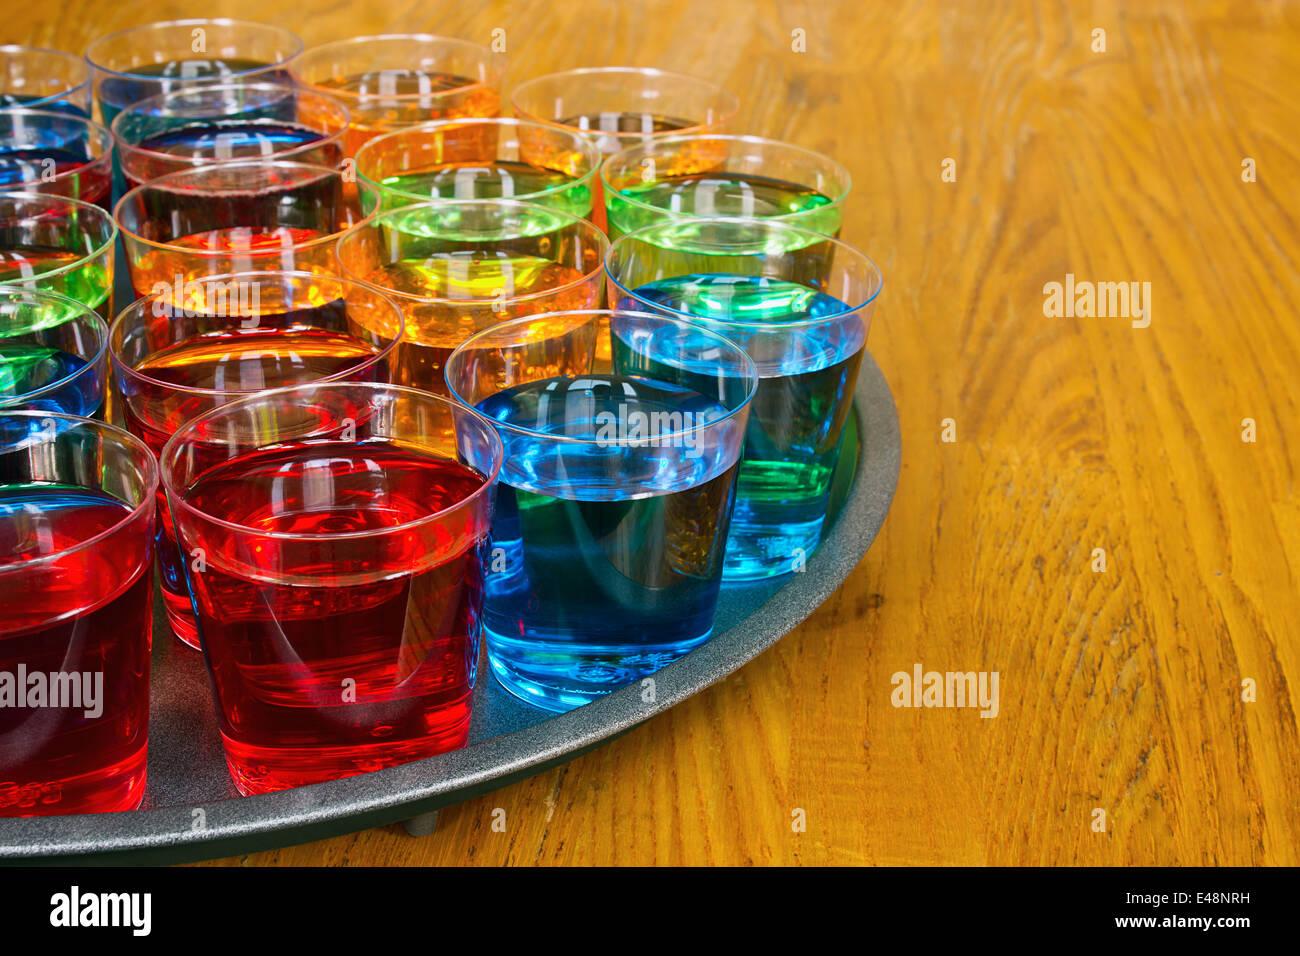 Promozione di bevande con vari scatti su un vassoio di prova come campionatori assaggiatori o per il merchandising Immagini Stock